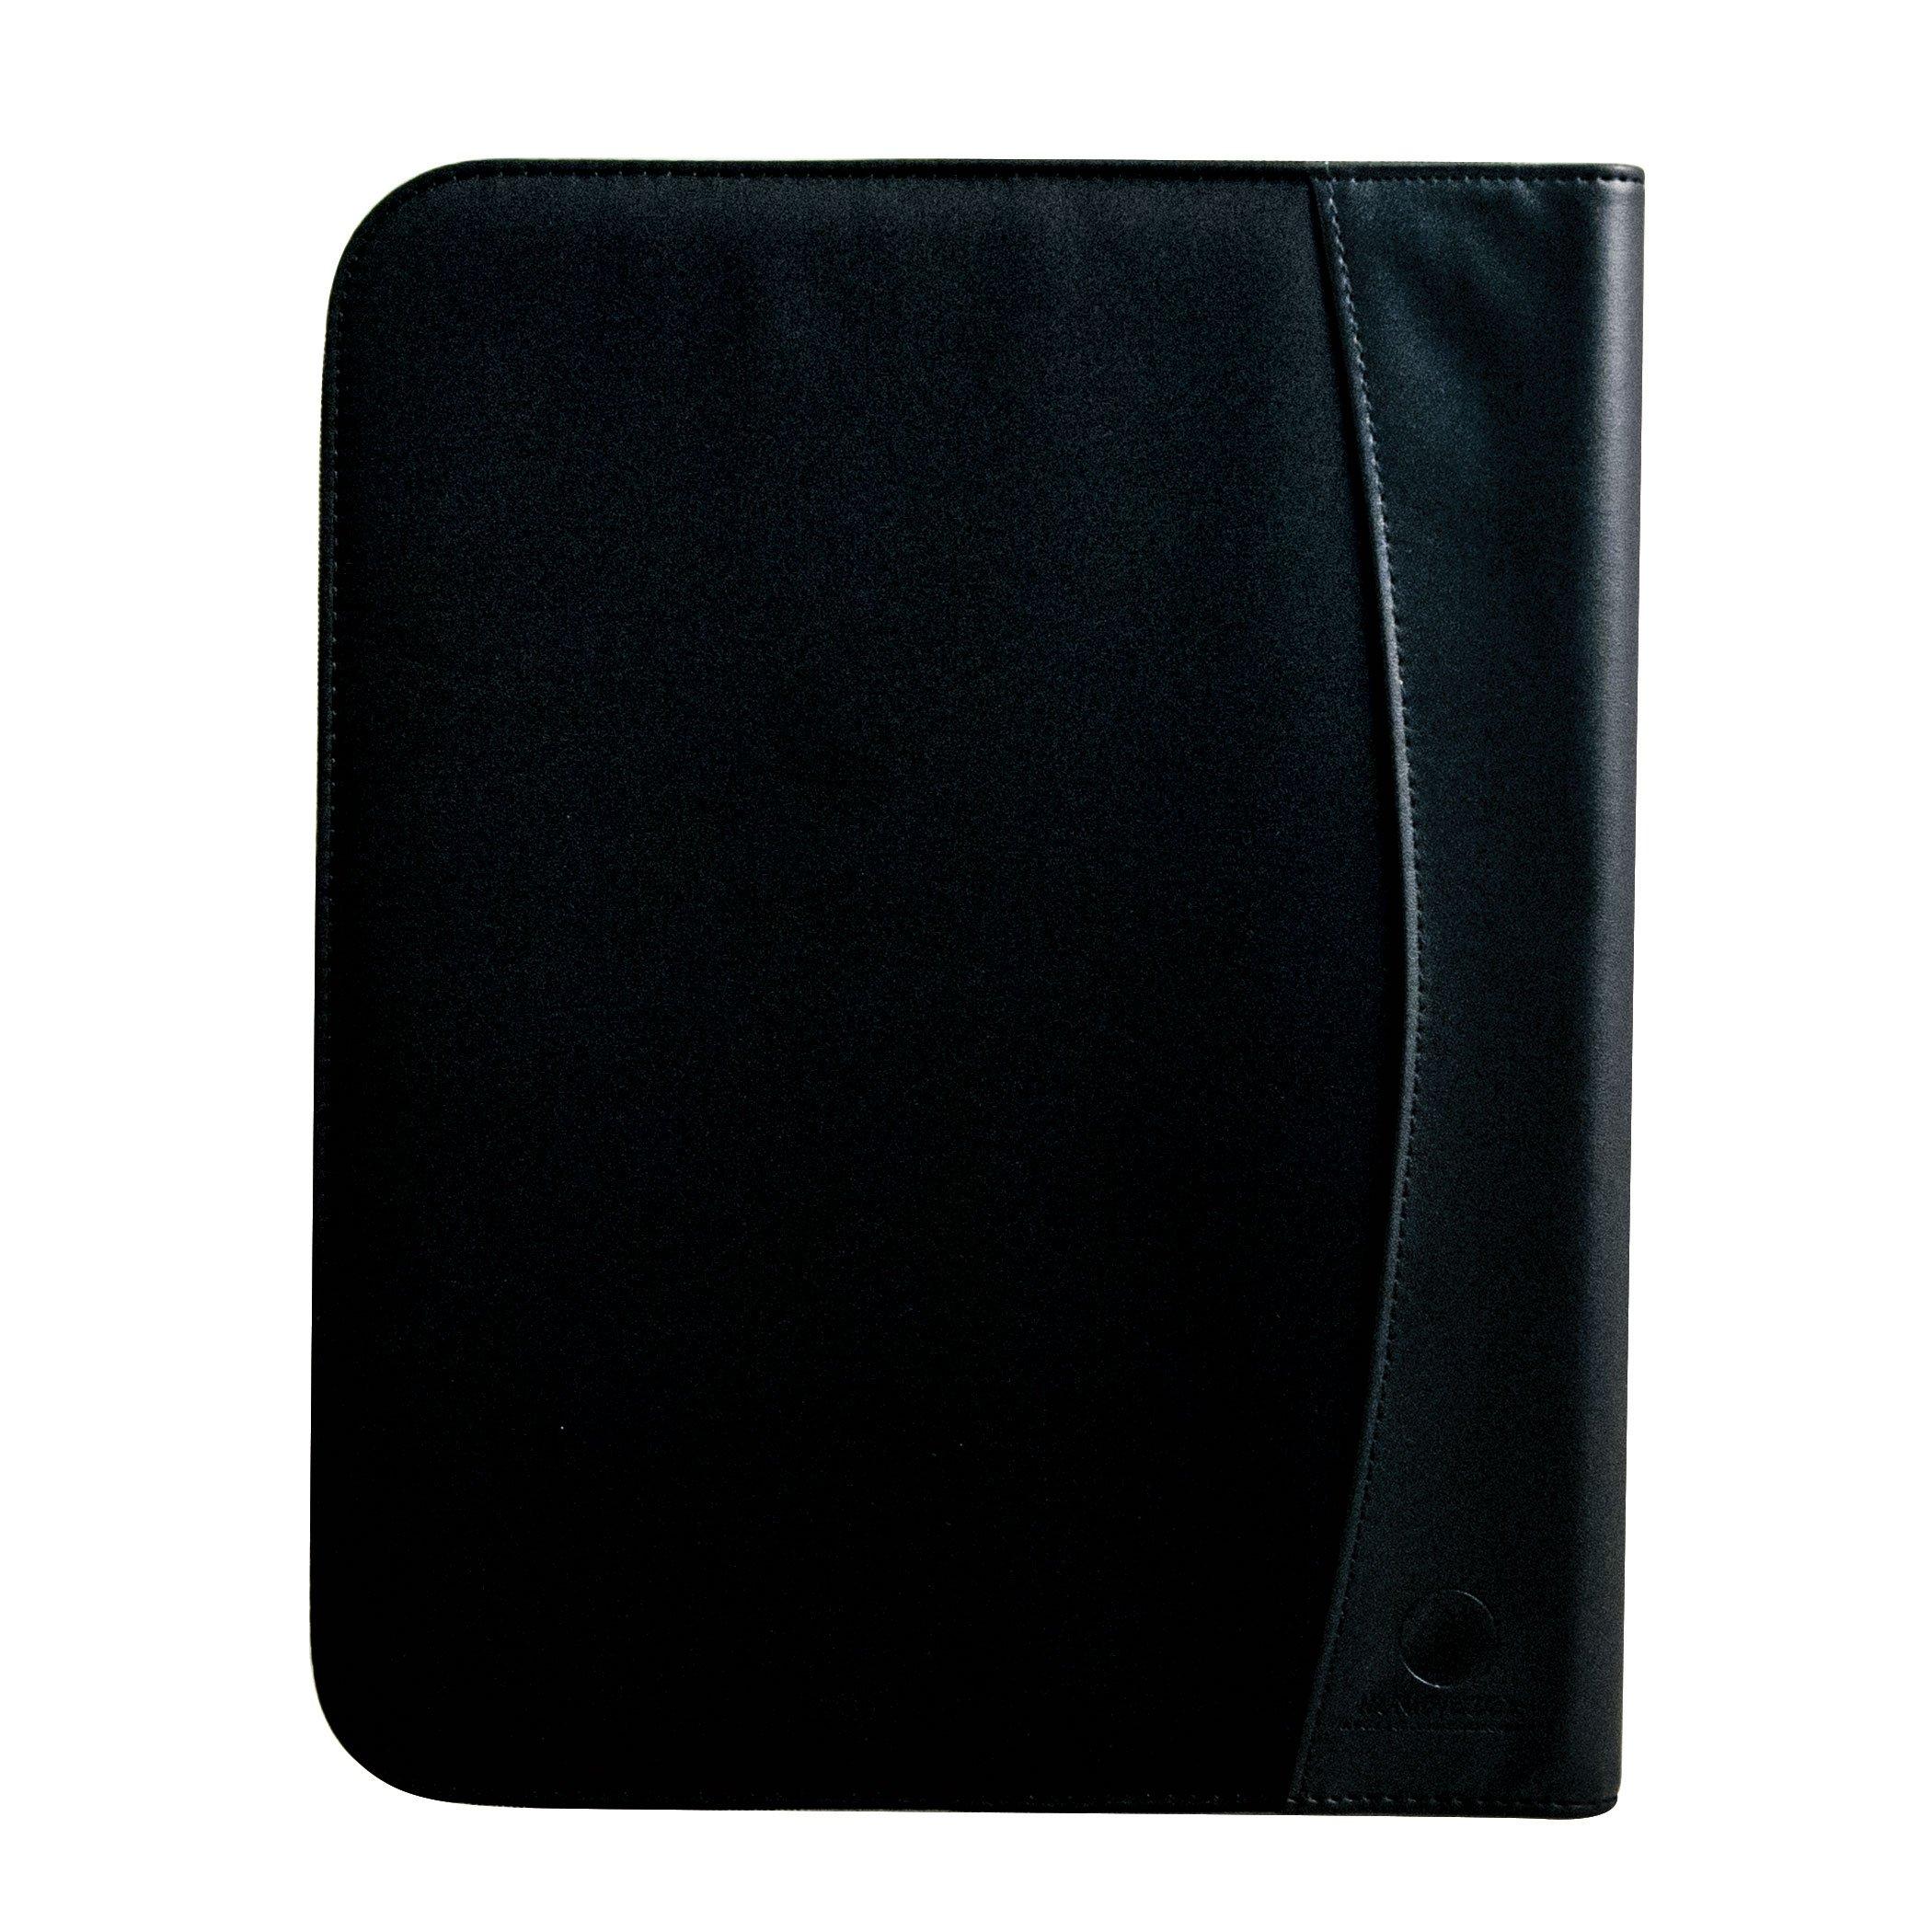 MONTEVERDE Monteverde 36 PC Zipper Pen Case; Black (1407) by Monteverde (Image #2)